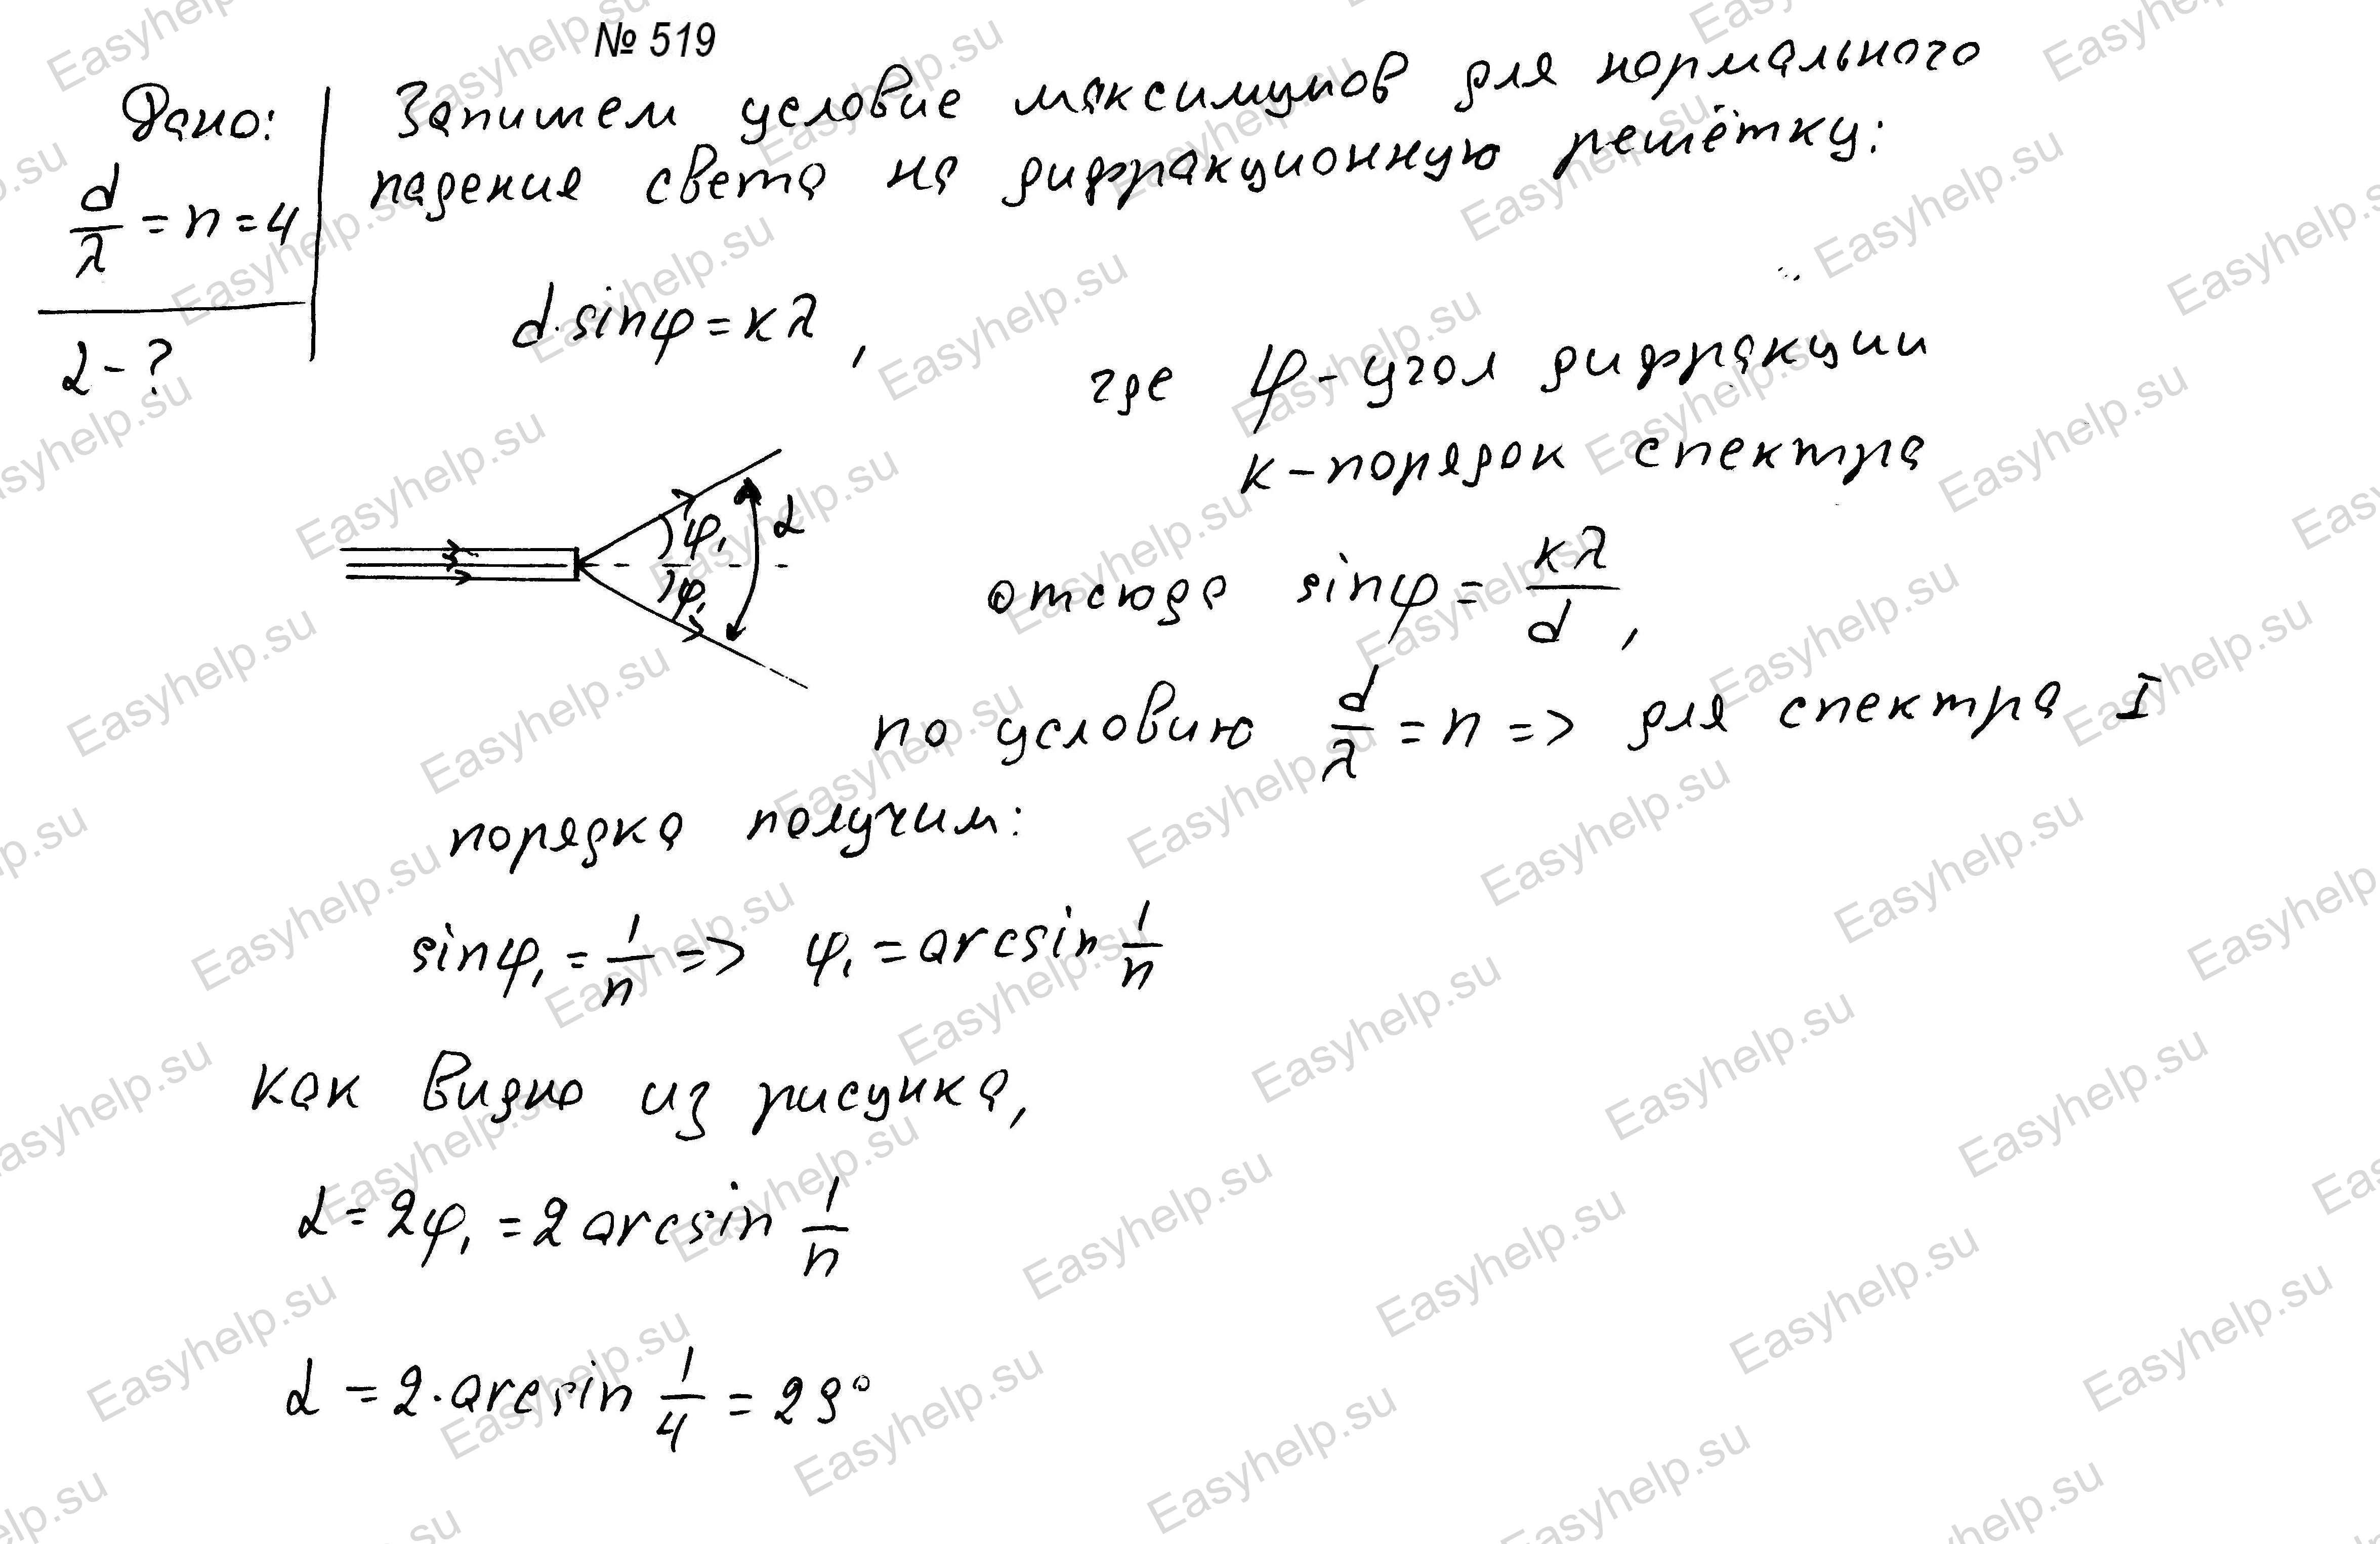 Задачник по воробьева чертова ответы физике на